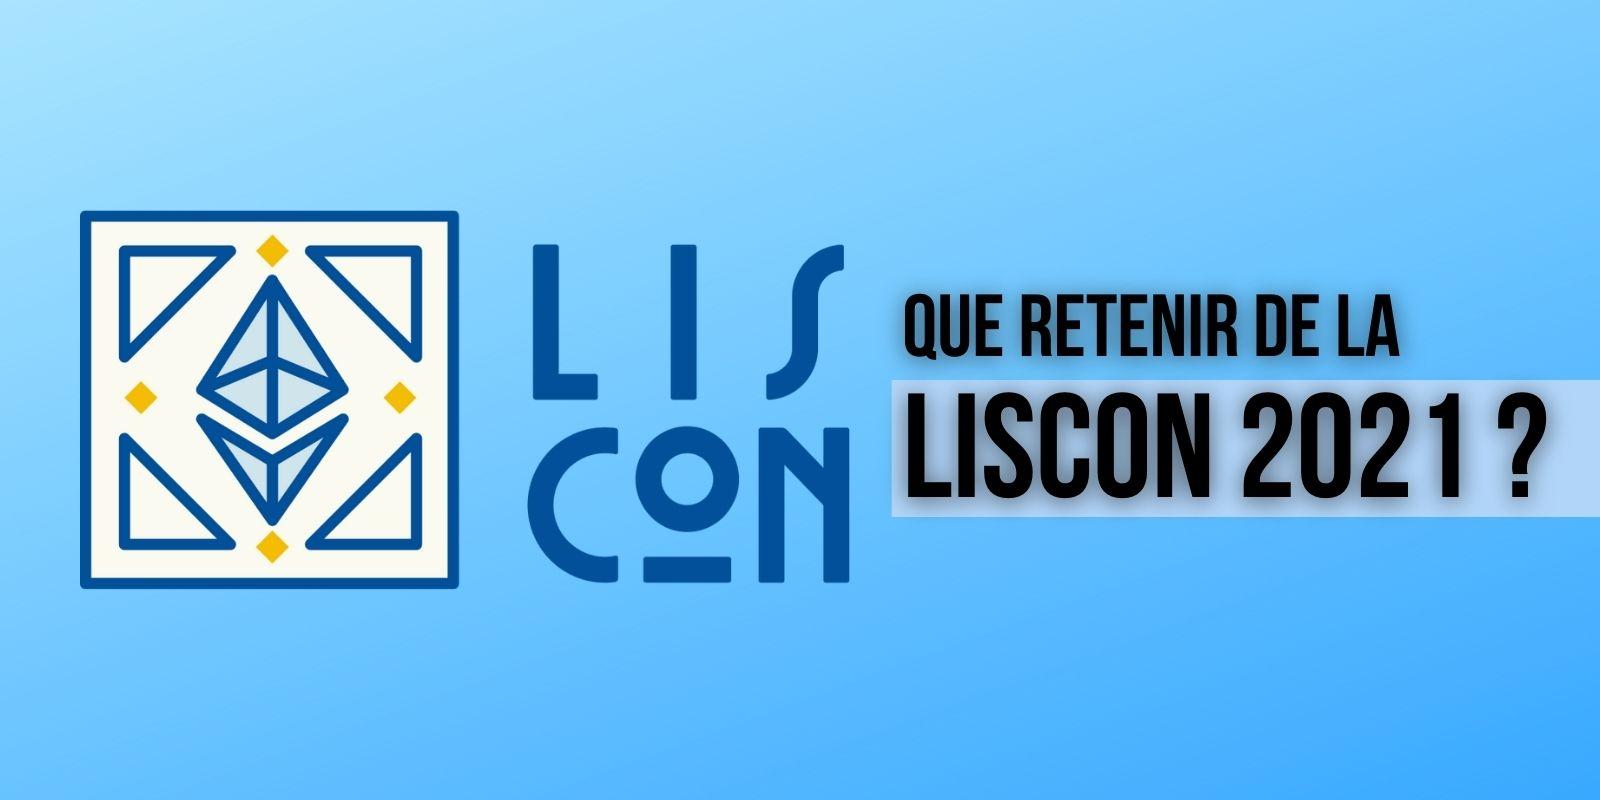 Que retenir de la LisCon, la conférence dédiée à Ethereum (ETH) à Lisbonne ?